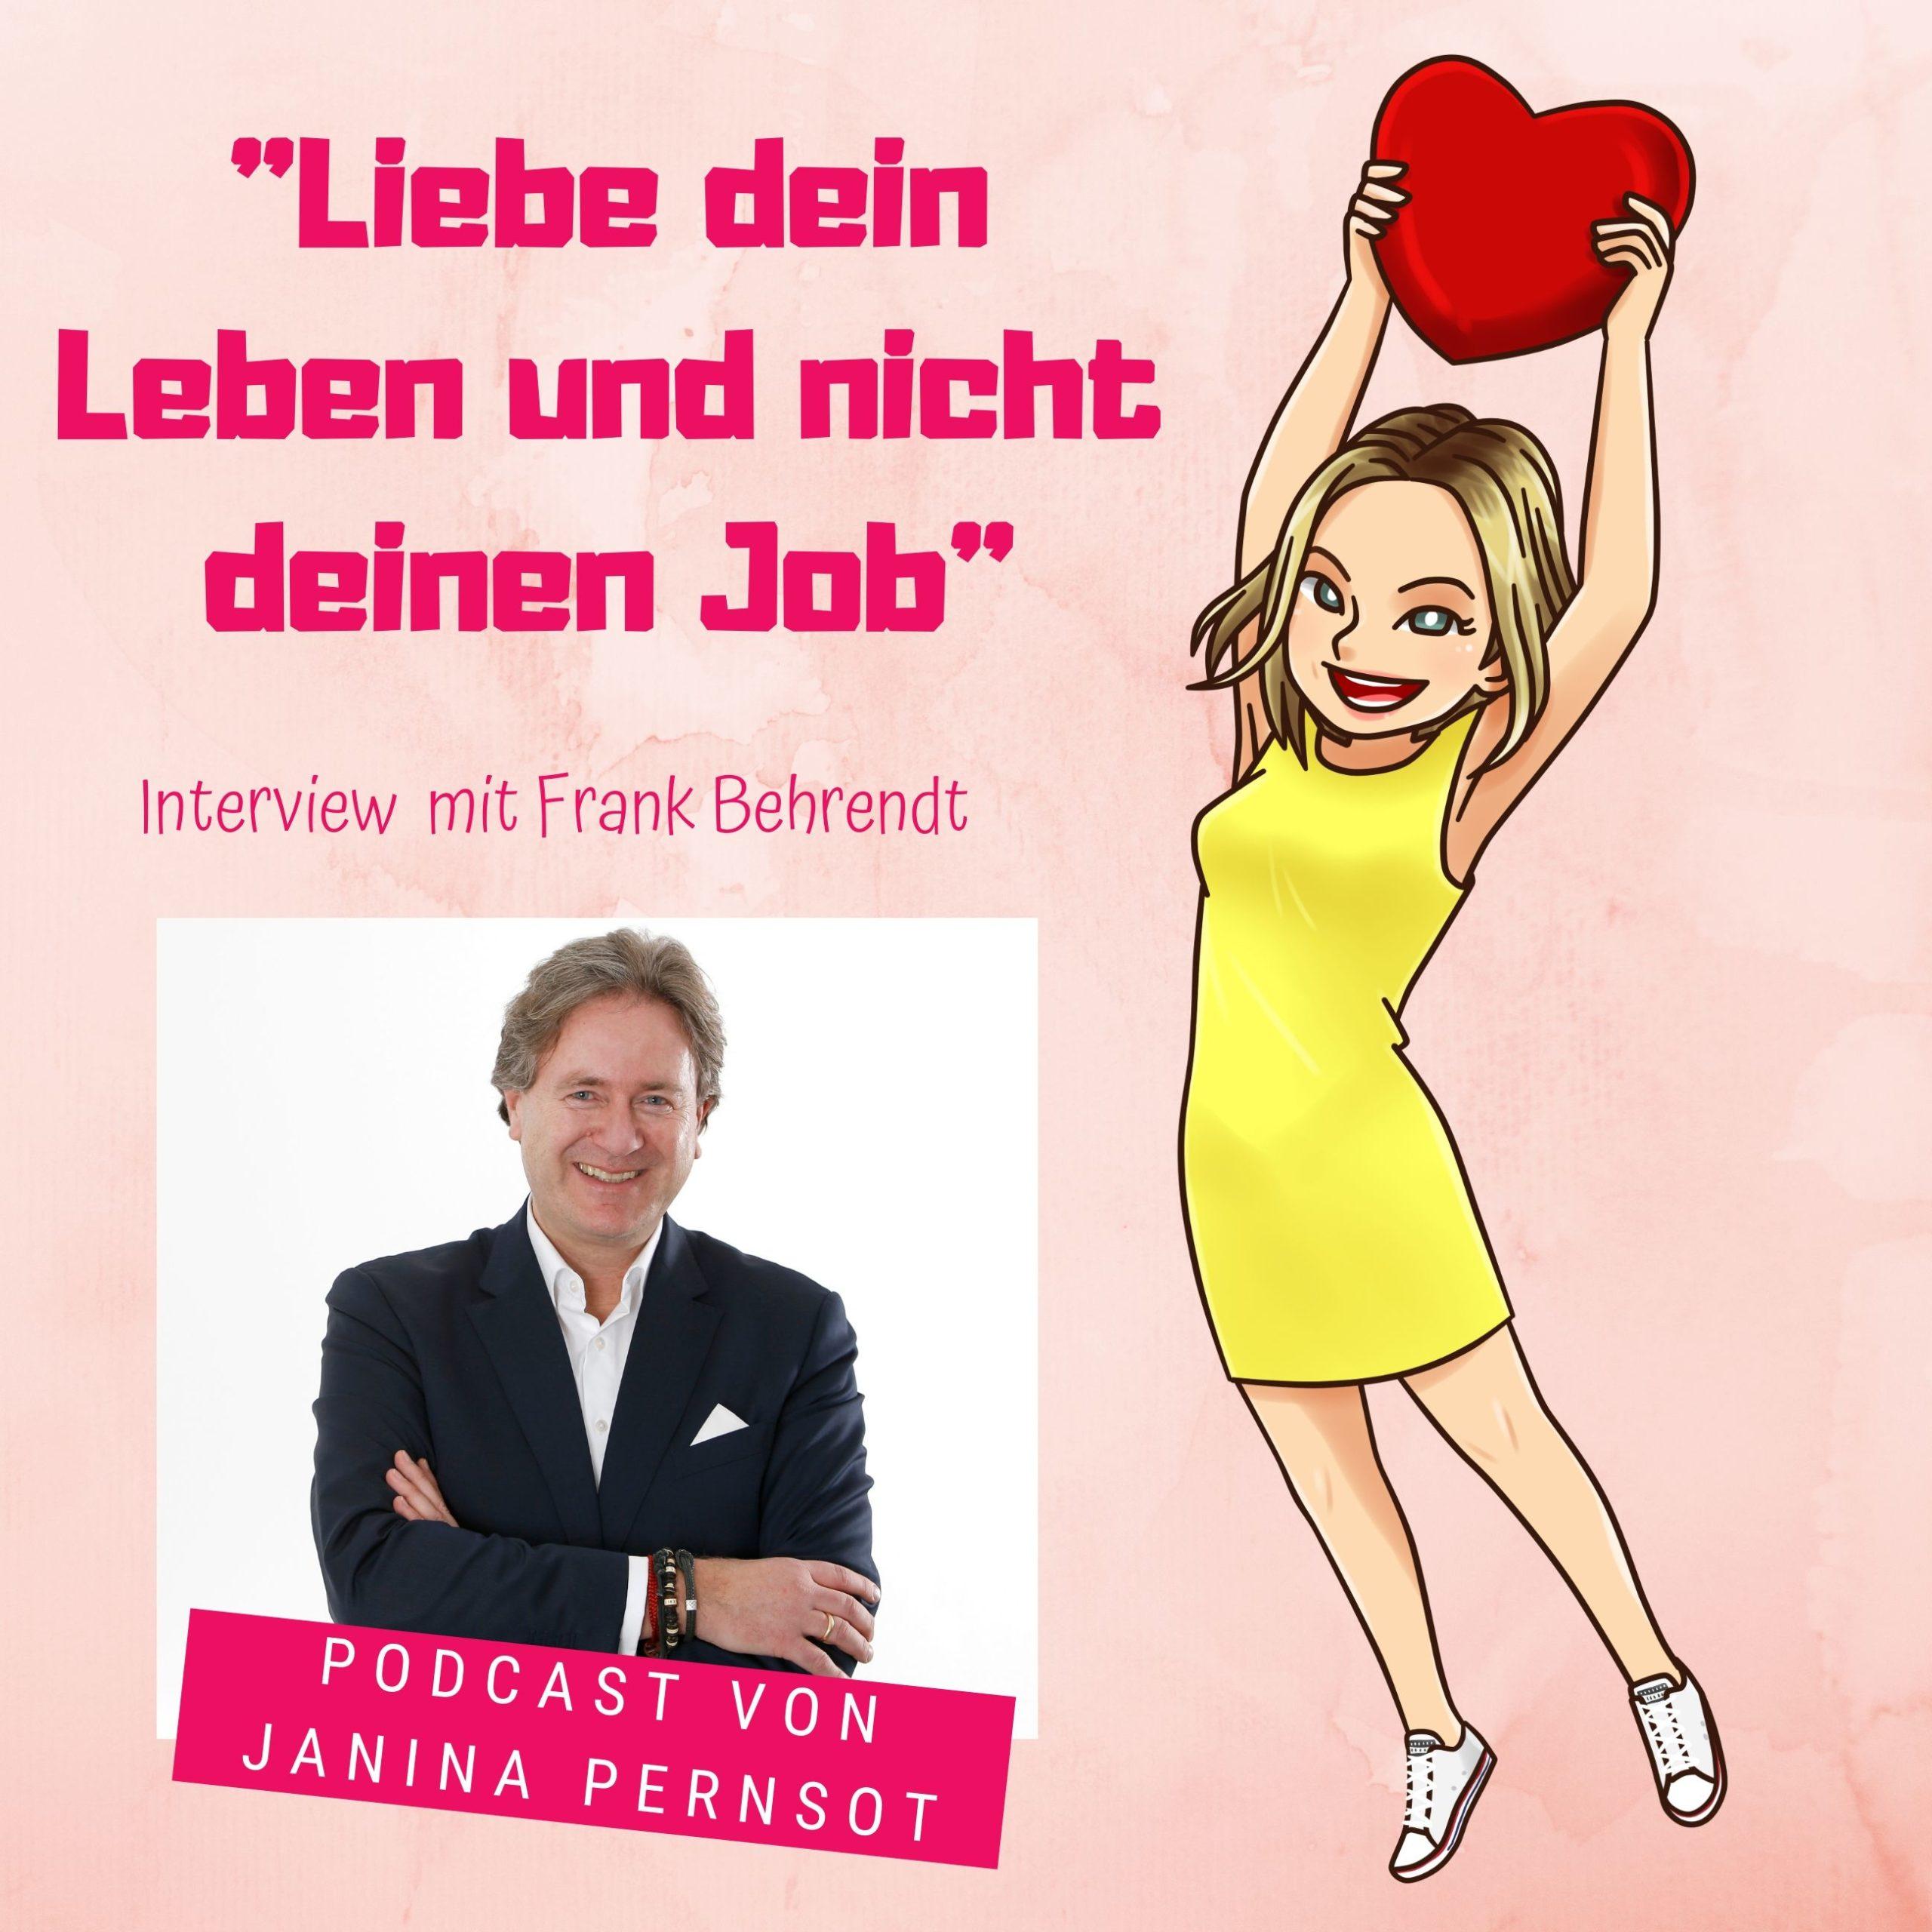 """Folge 11: """"Liebe dein Leben und nicht deinen Job"""" – Interview mit Frank Behrendt"""